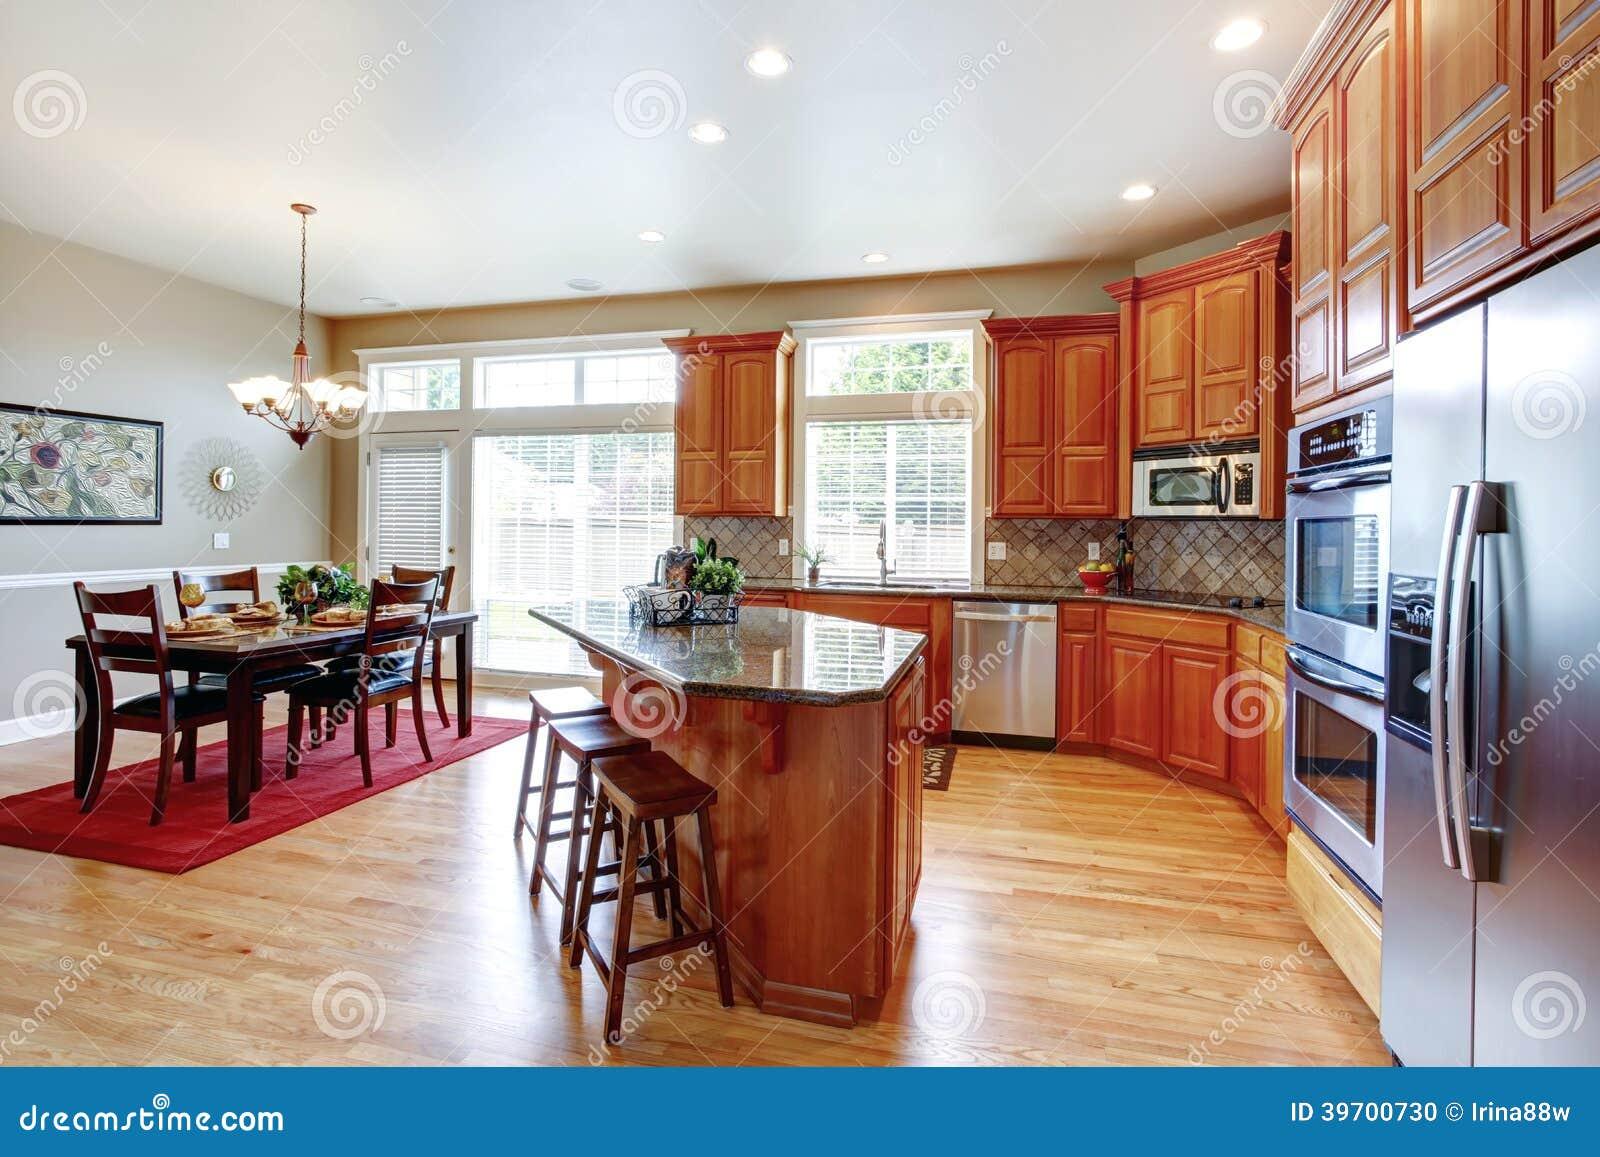 Sitio moderno de la cocina con la isla y el comedor foto for Cocinas comedor con islas modernas